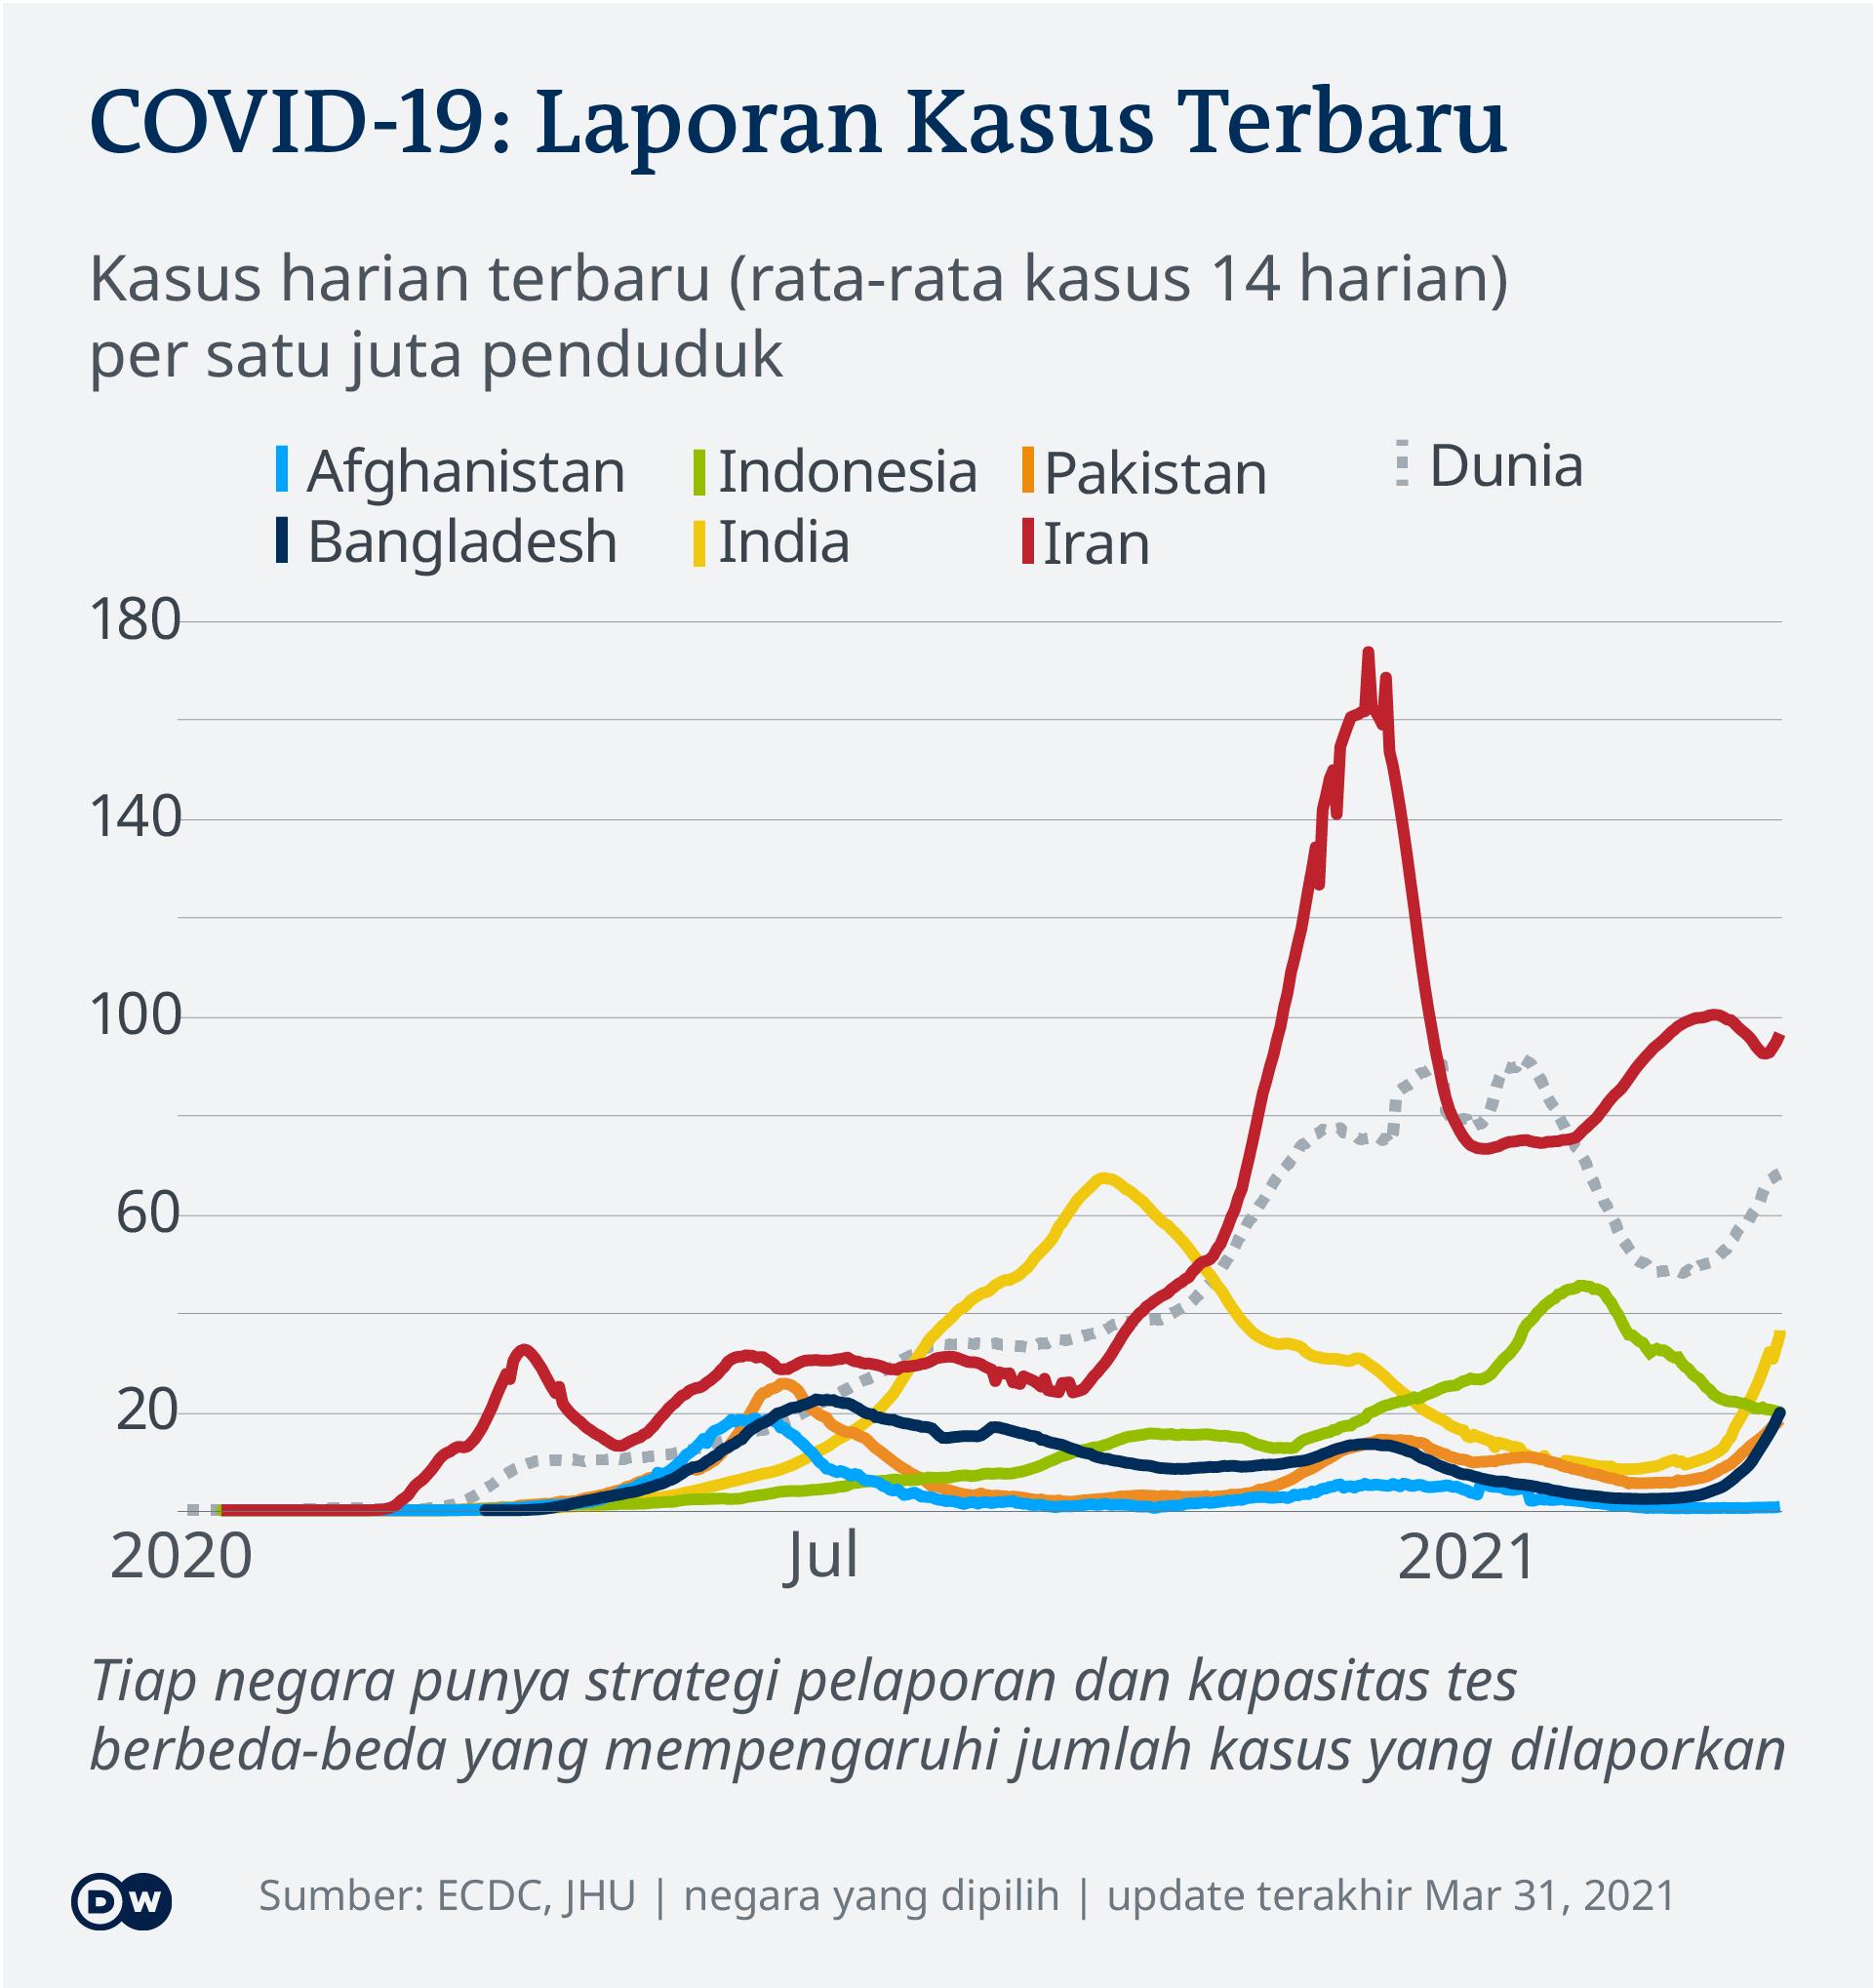 Data visualisasi kasus baru covid-19 per kapita